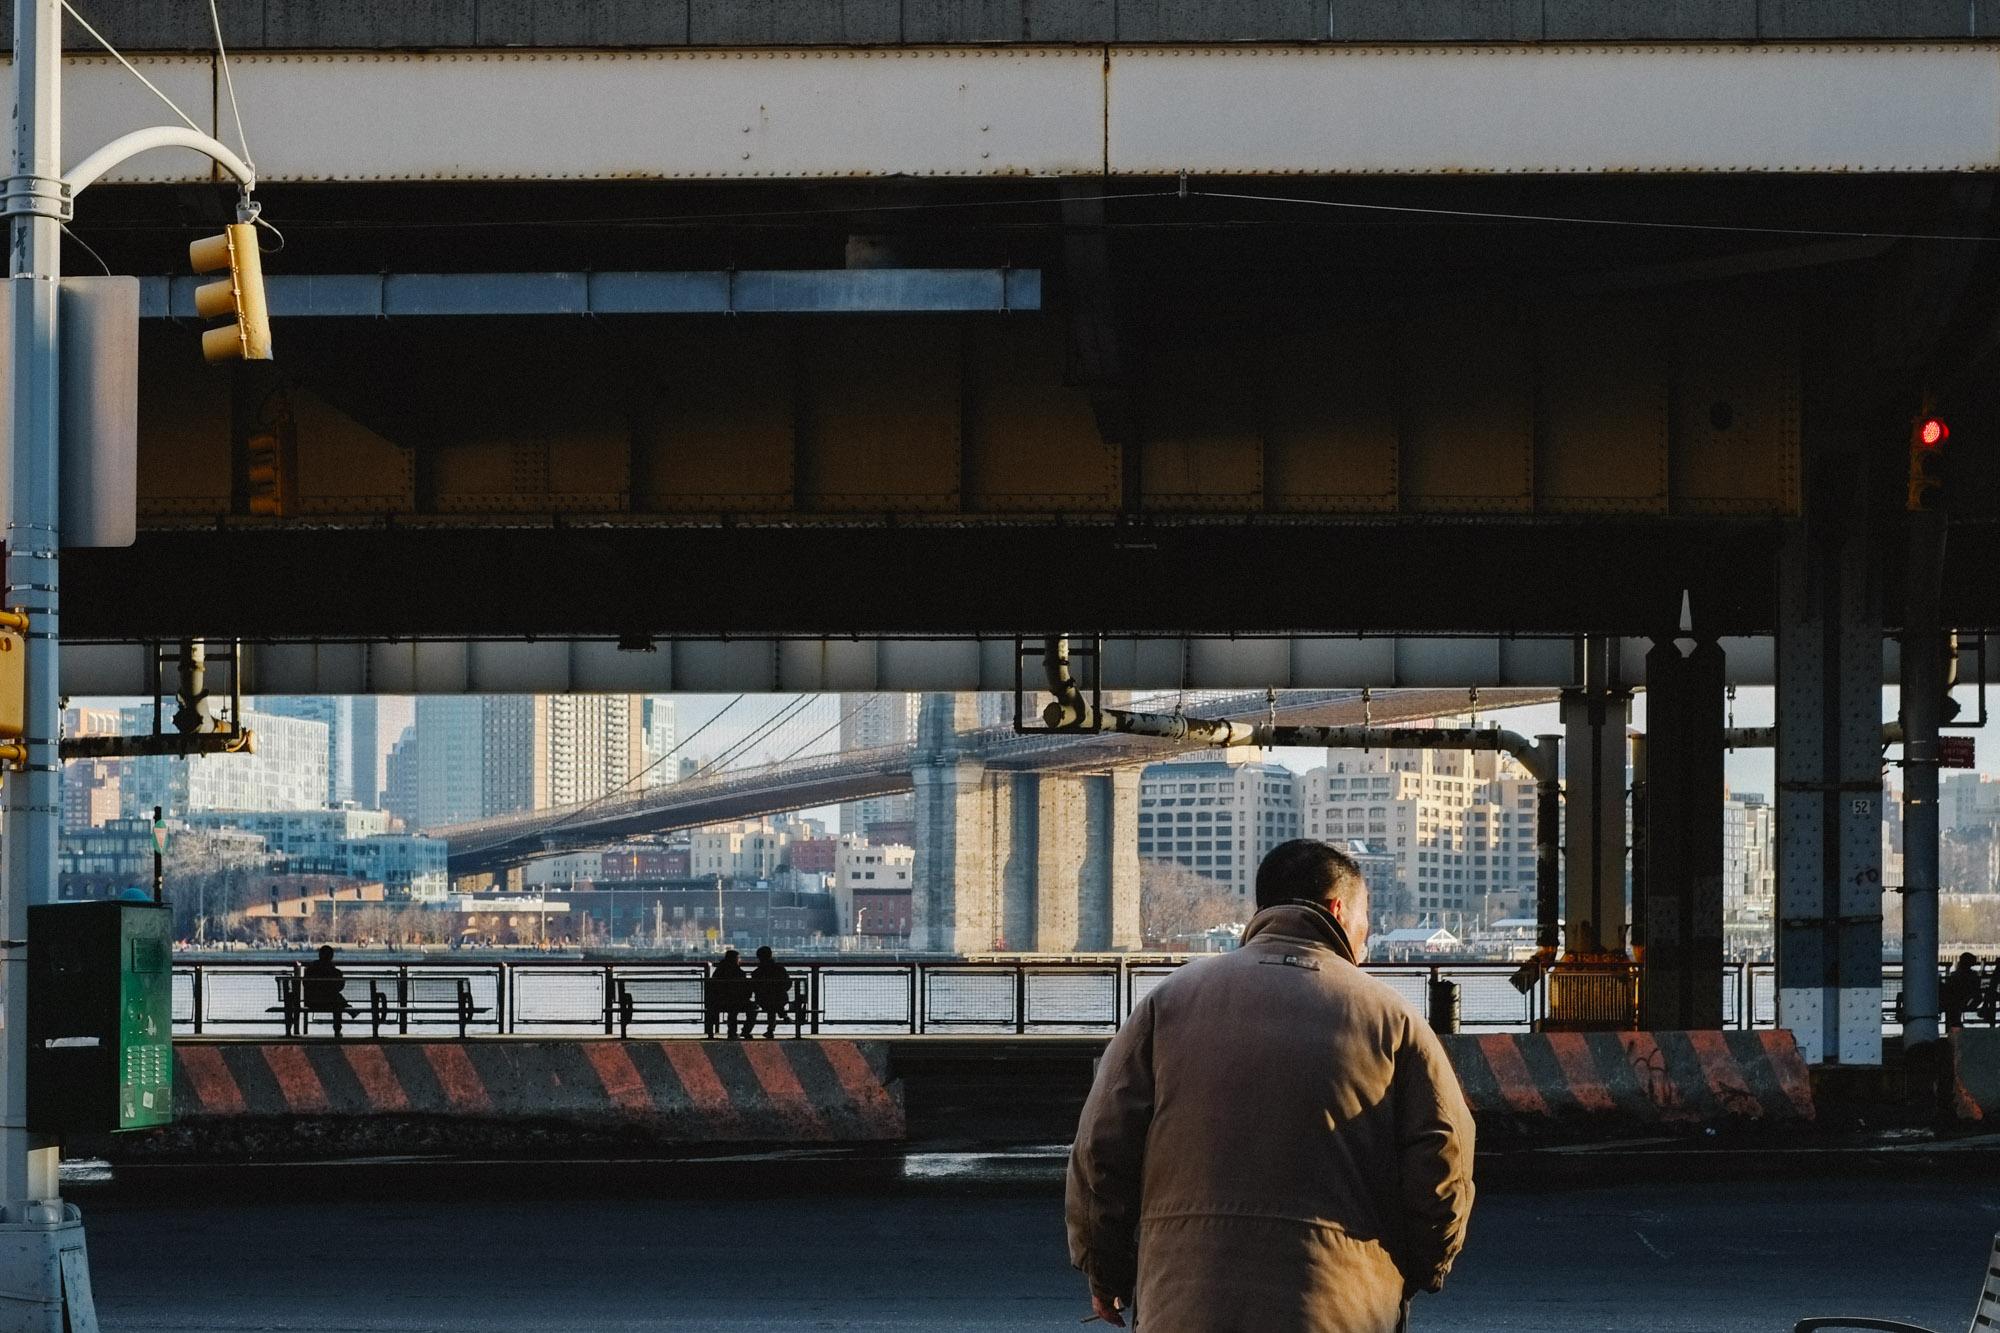 Man in Two Bridges, Manhattan. Fuji X-pro1, Fuji XF 35mm f/1.4.